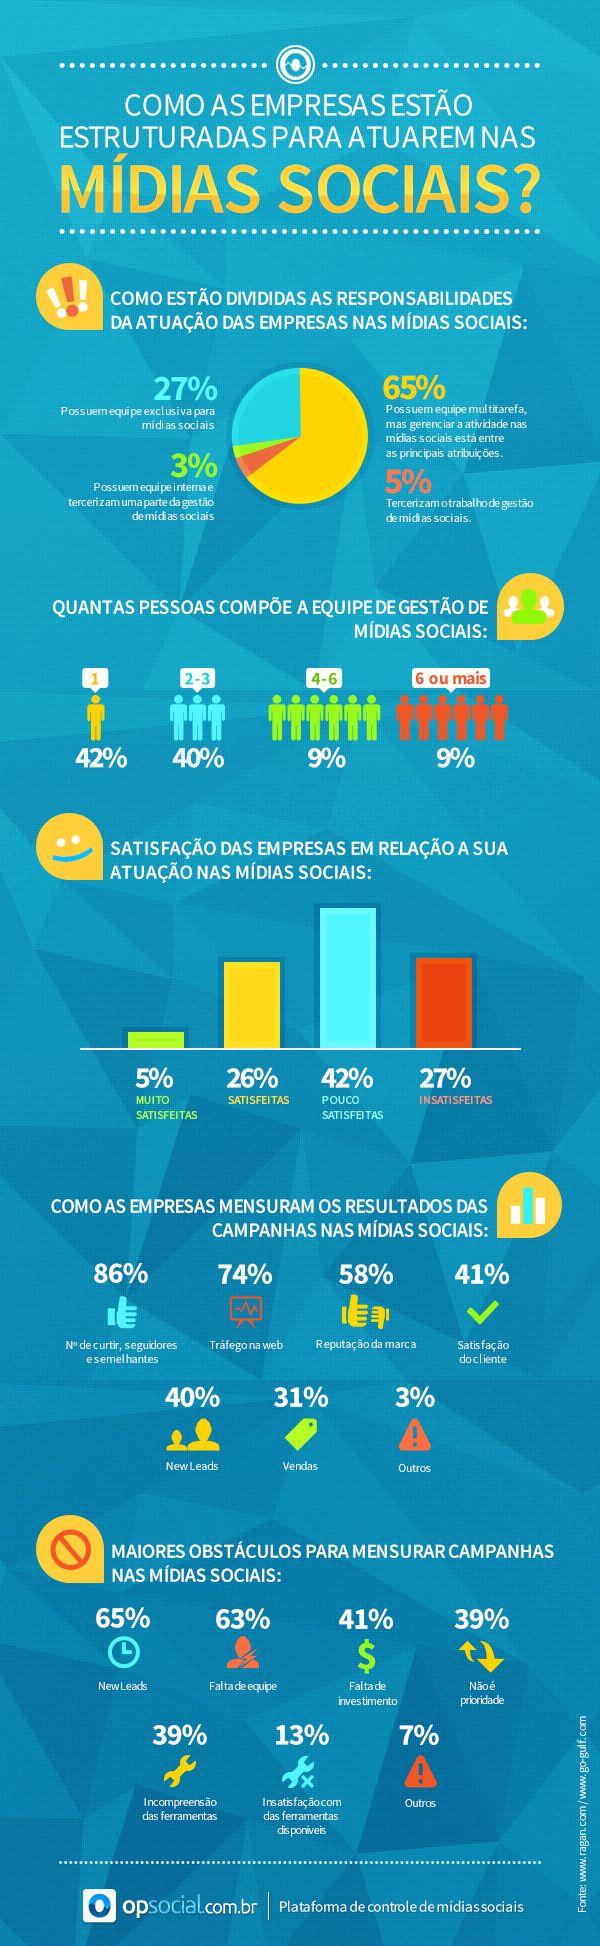 Infográfico mostra como é a estrutura de mídias sociais das empresas